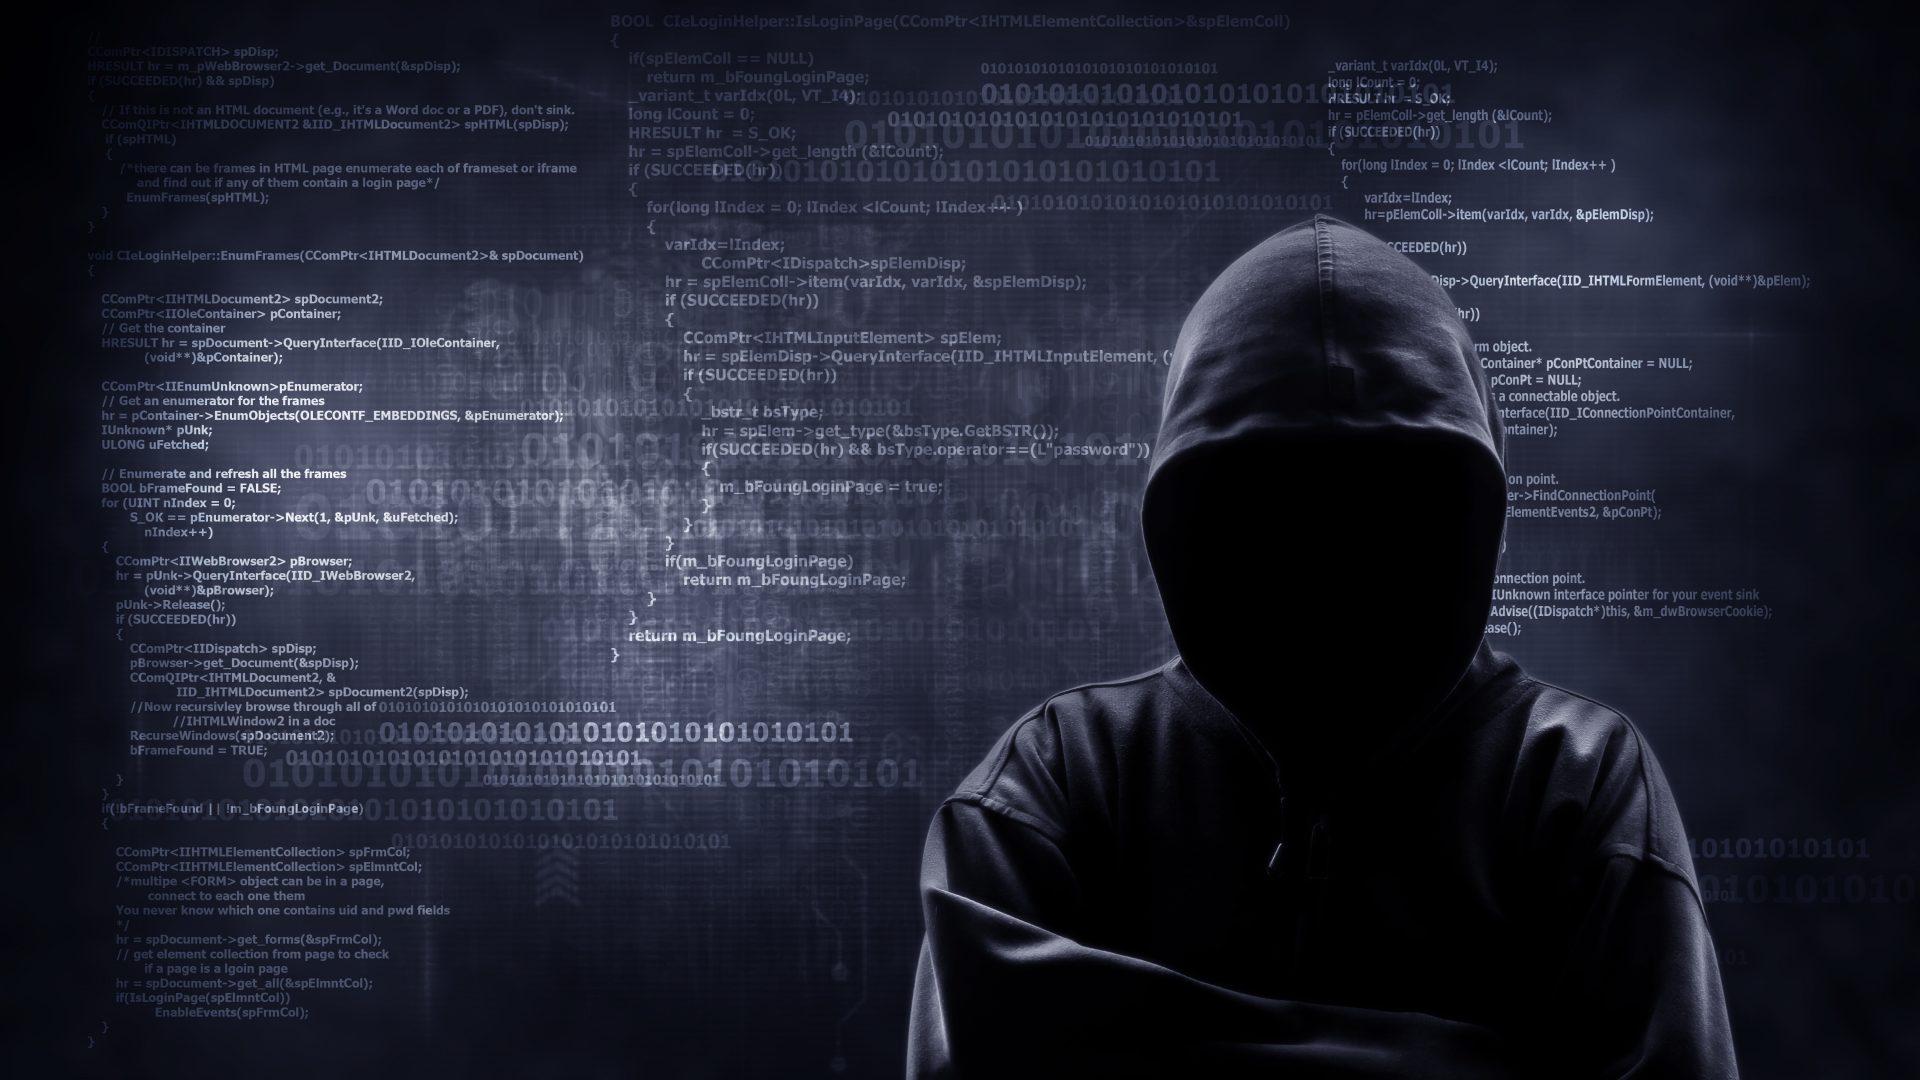 Dados estão à venda na dark web - LGPD